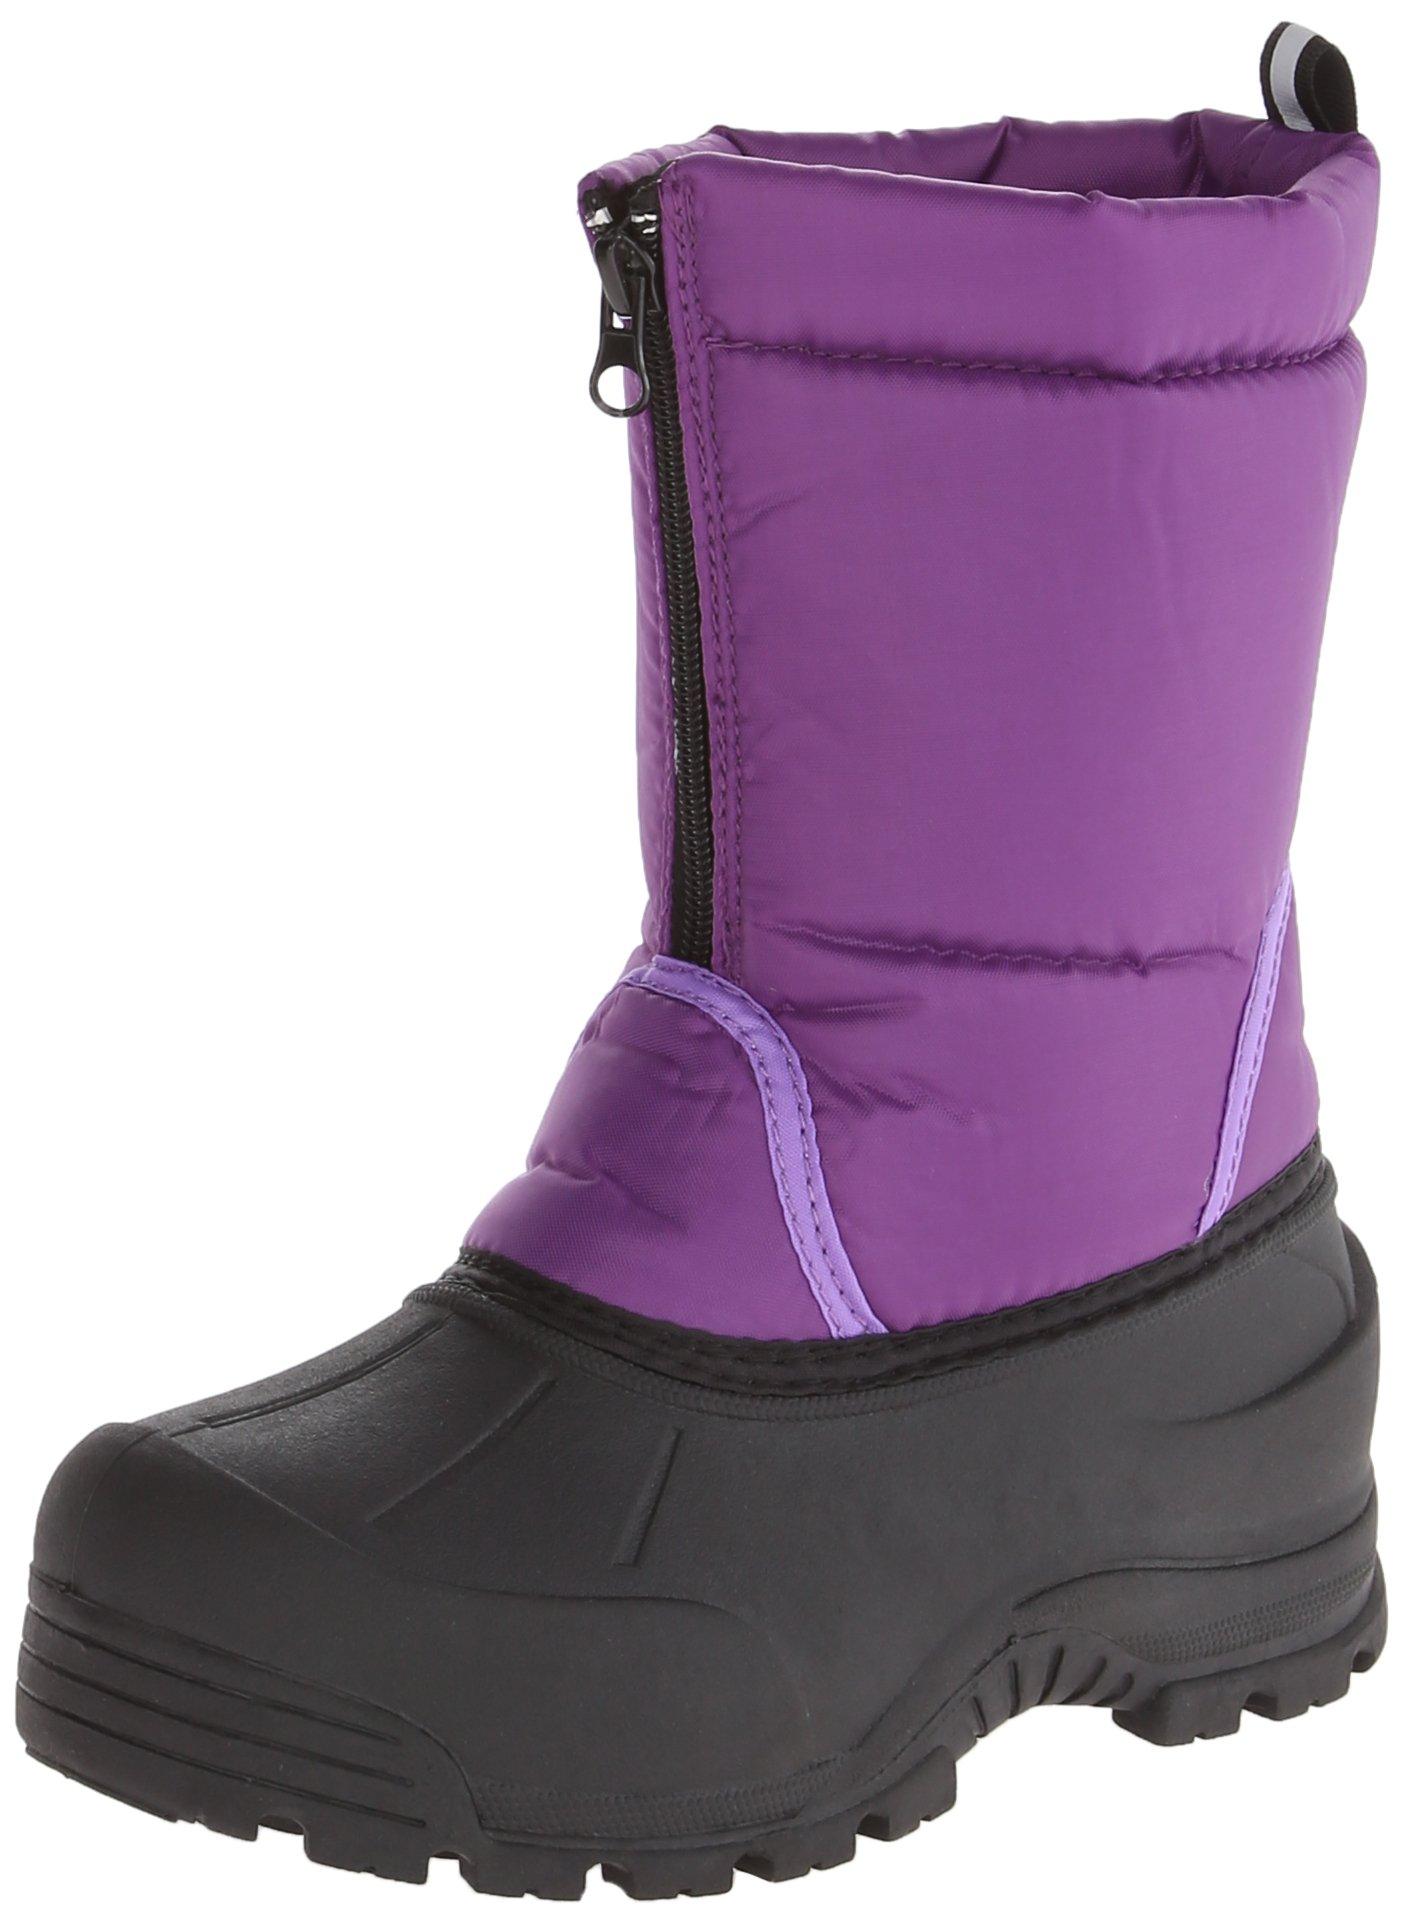 Northside Icicle Winter Unisex Boot (Toddler/Little Kid/Big Kid),Purple,4 M US Big Kid